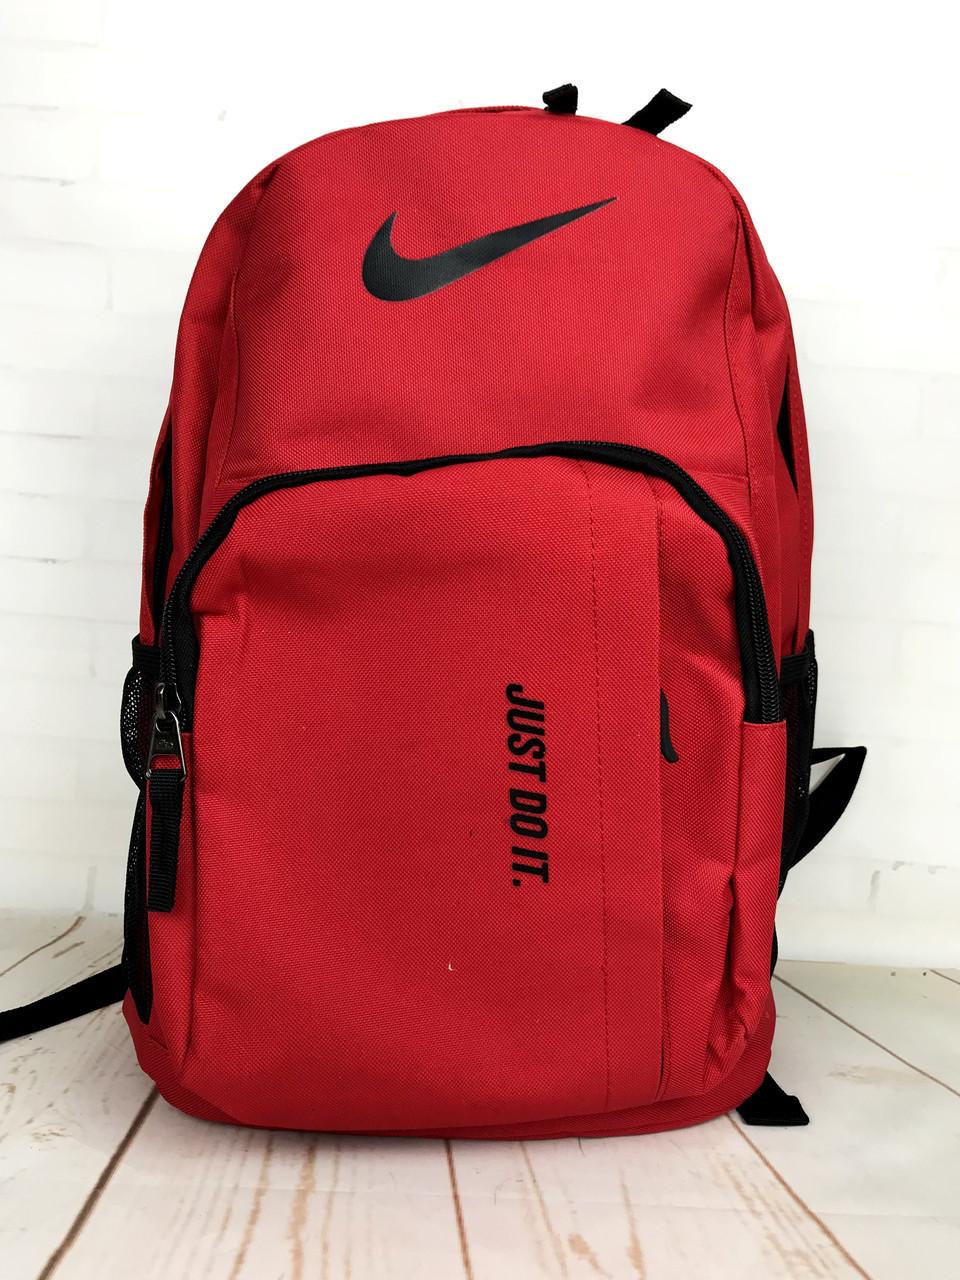 Небольшой рюкзак NIKE. Городской спортивный рюкзак. Красный РК12-1